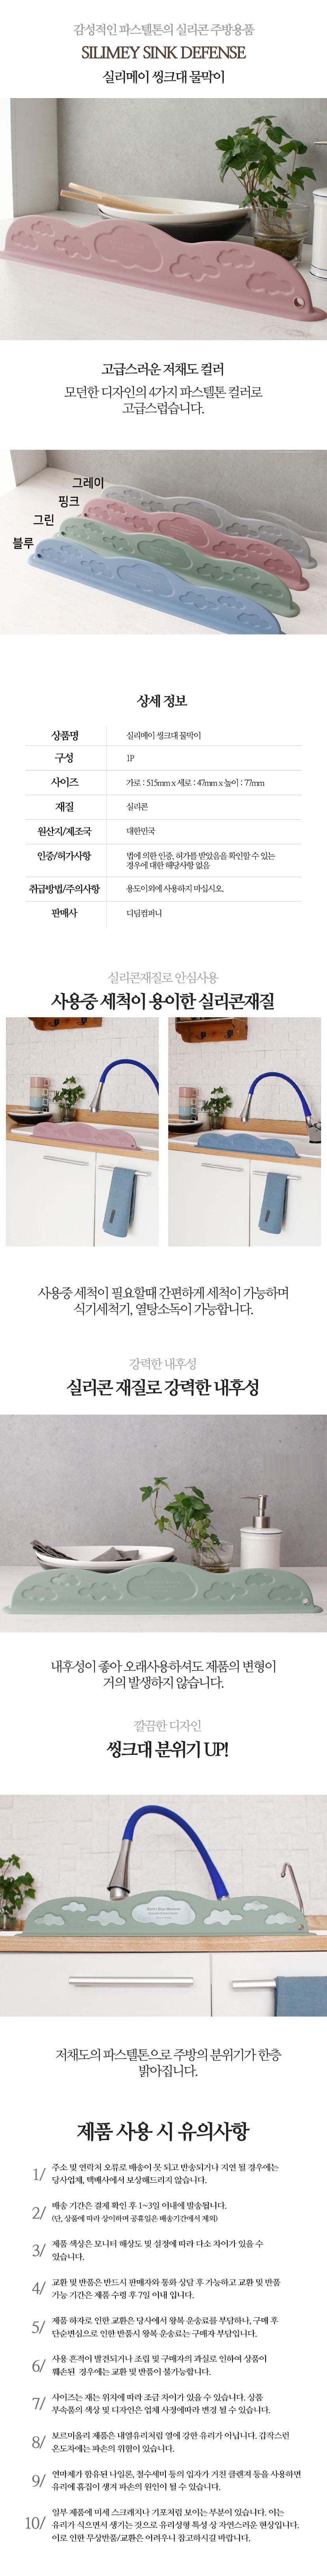 실리메이 씽크대 물막이 4종 택1 - 룸바이디자인, 13,500원, 주방수납용품, 수납함